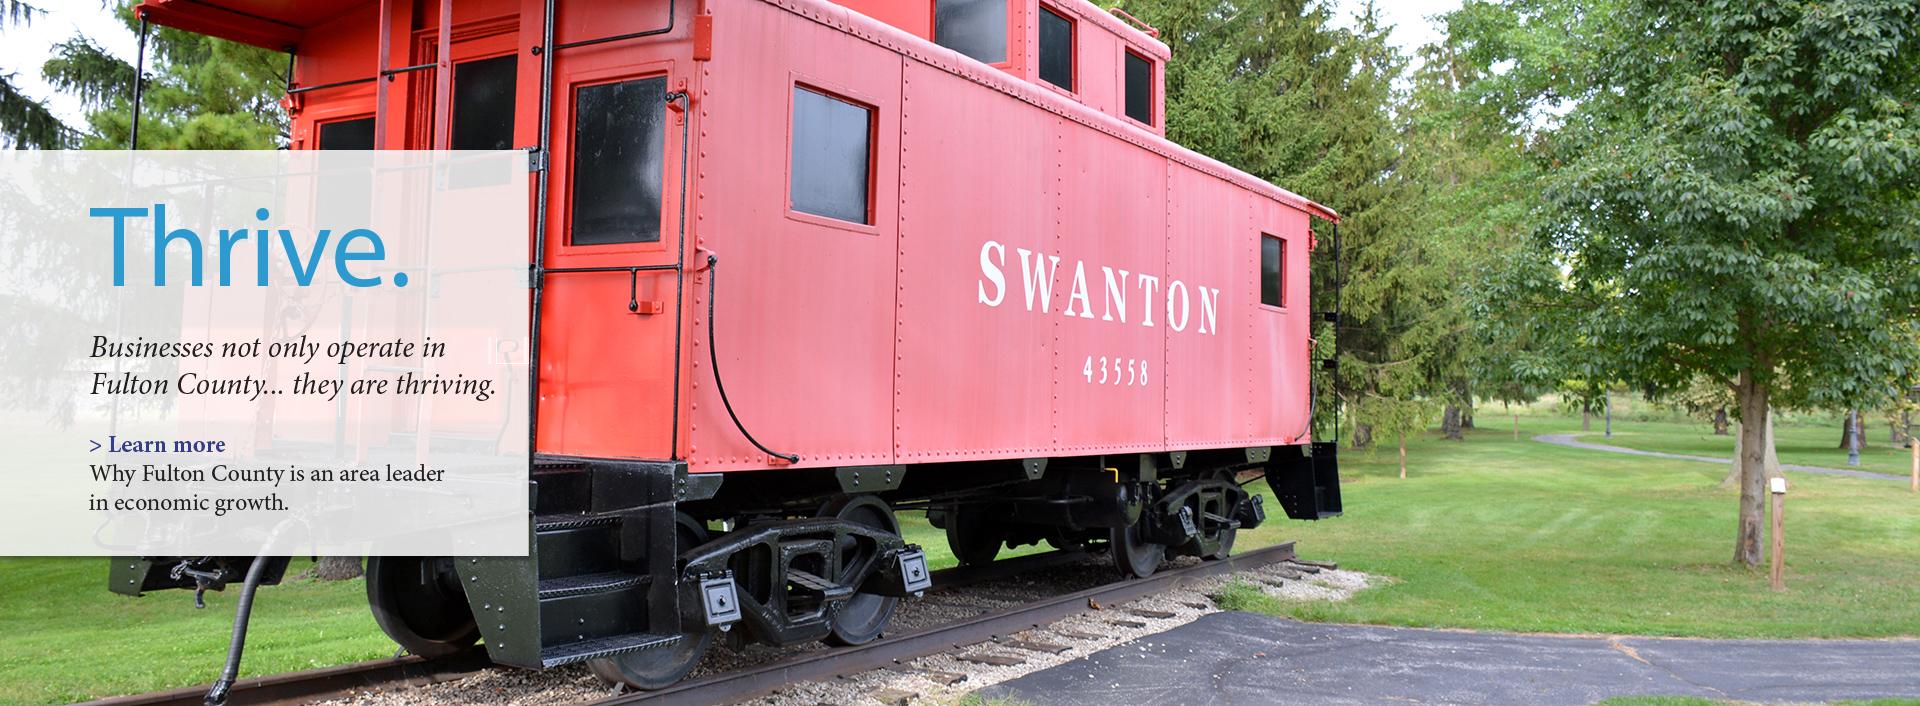 Swanton caboose